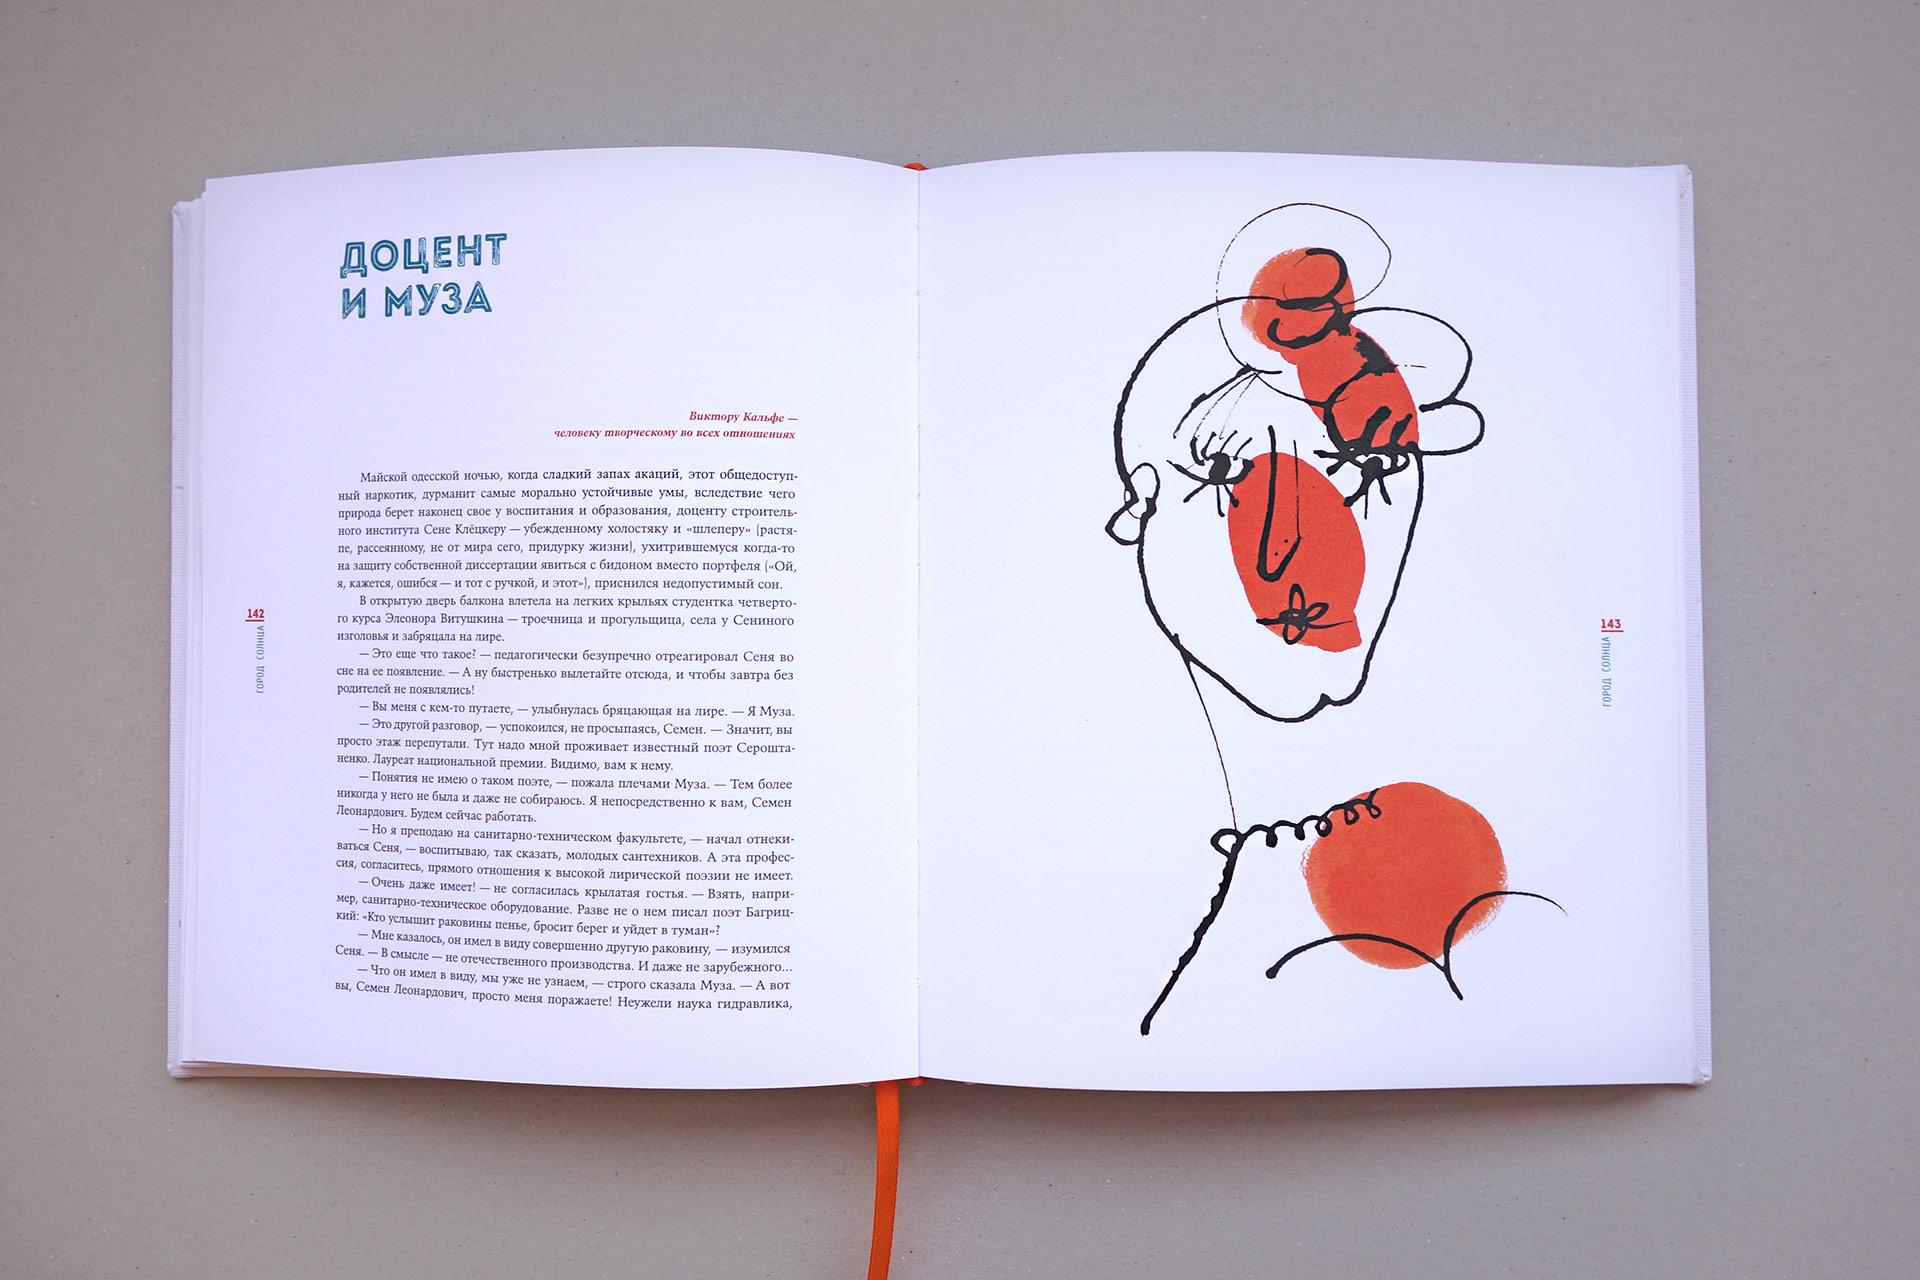 Агентство Asgard Branding, юбилейный альбом, дизайн, сетка издания, печатные издания, дизайн книги, Георгий Голубенко, Михаил Рева, иллюстрации